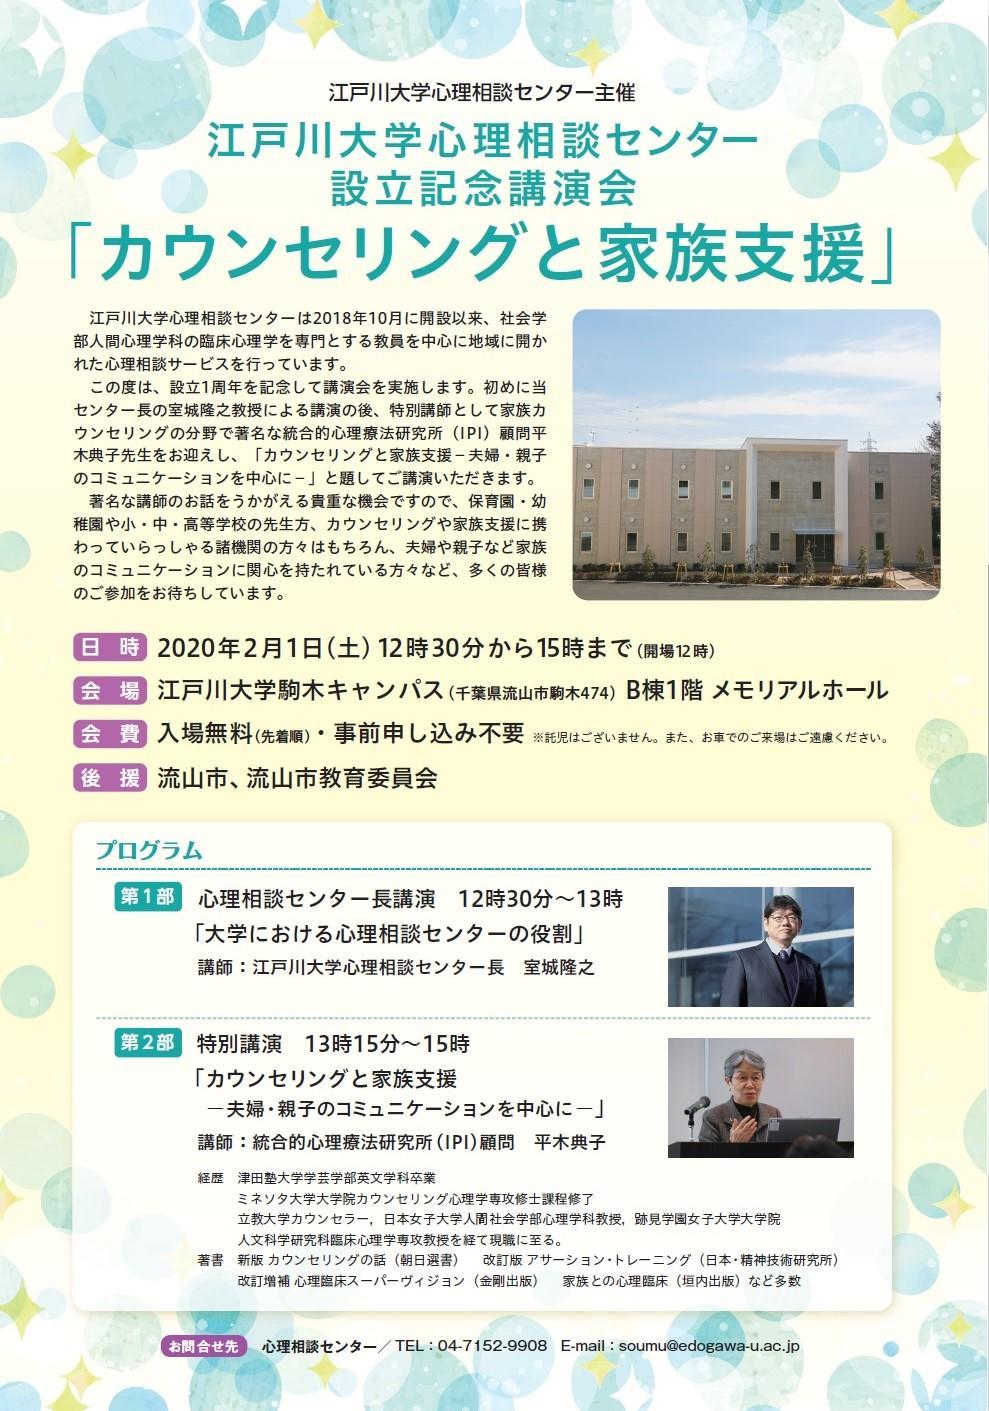 江戸川大学心理相談センターが来年2月1日に設立1周年の記念講演会「カウンセリングと家族支援」を開催 -- 統合的心理療法研究所の平木典子氏と室城隆之センター長が講演